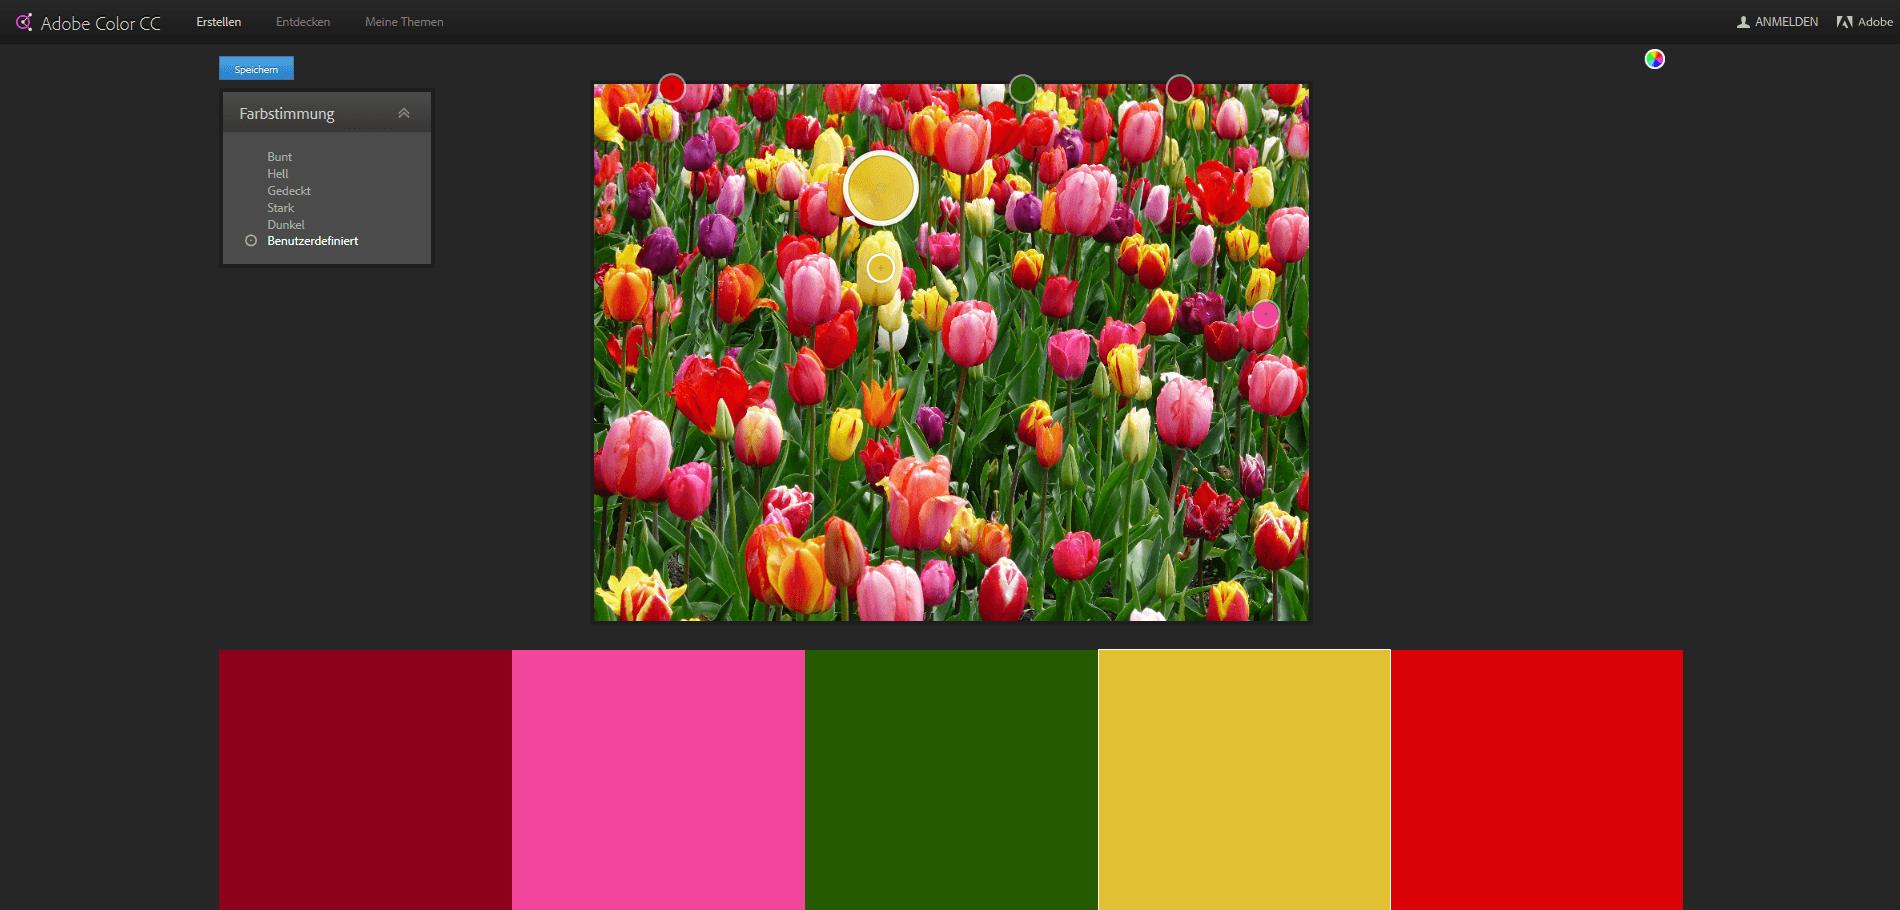 Farbkombination von Bildern herausfinden mit Adobe Color CC